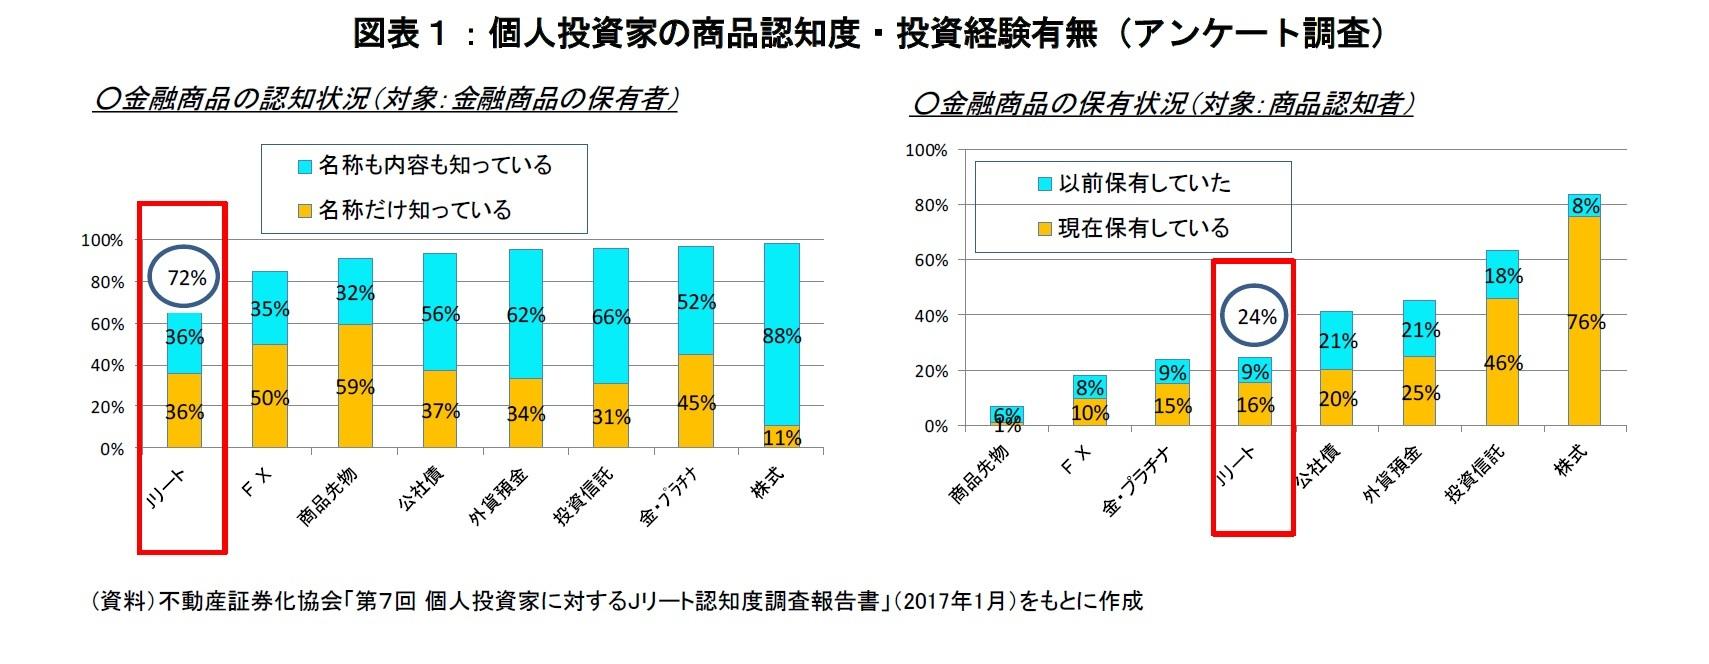 図表1:個人投資家の商品認知度・投資経験有無(アンケート調査)